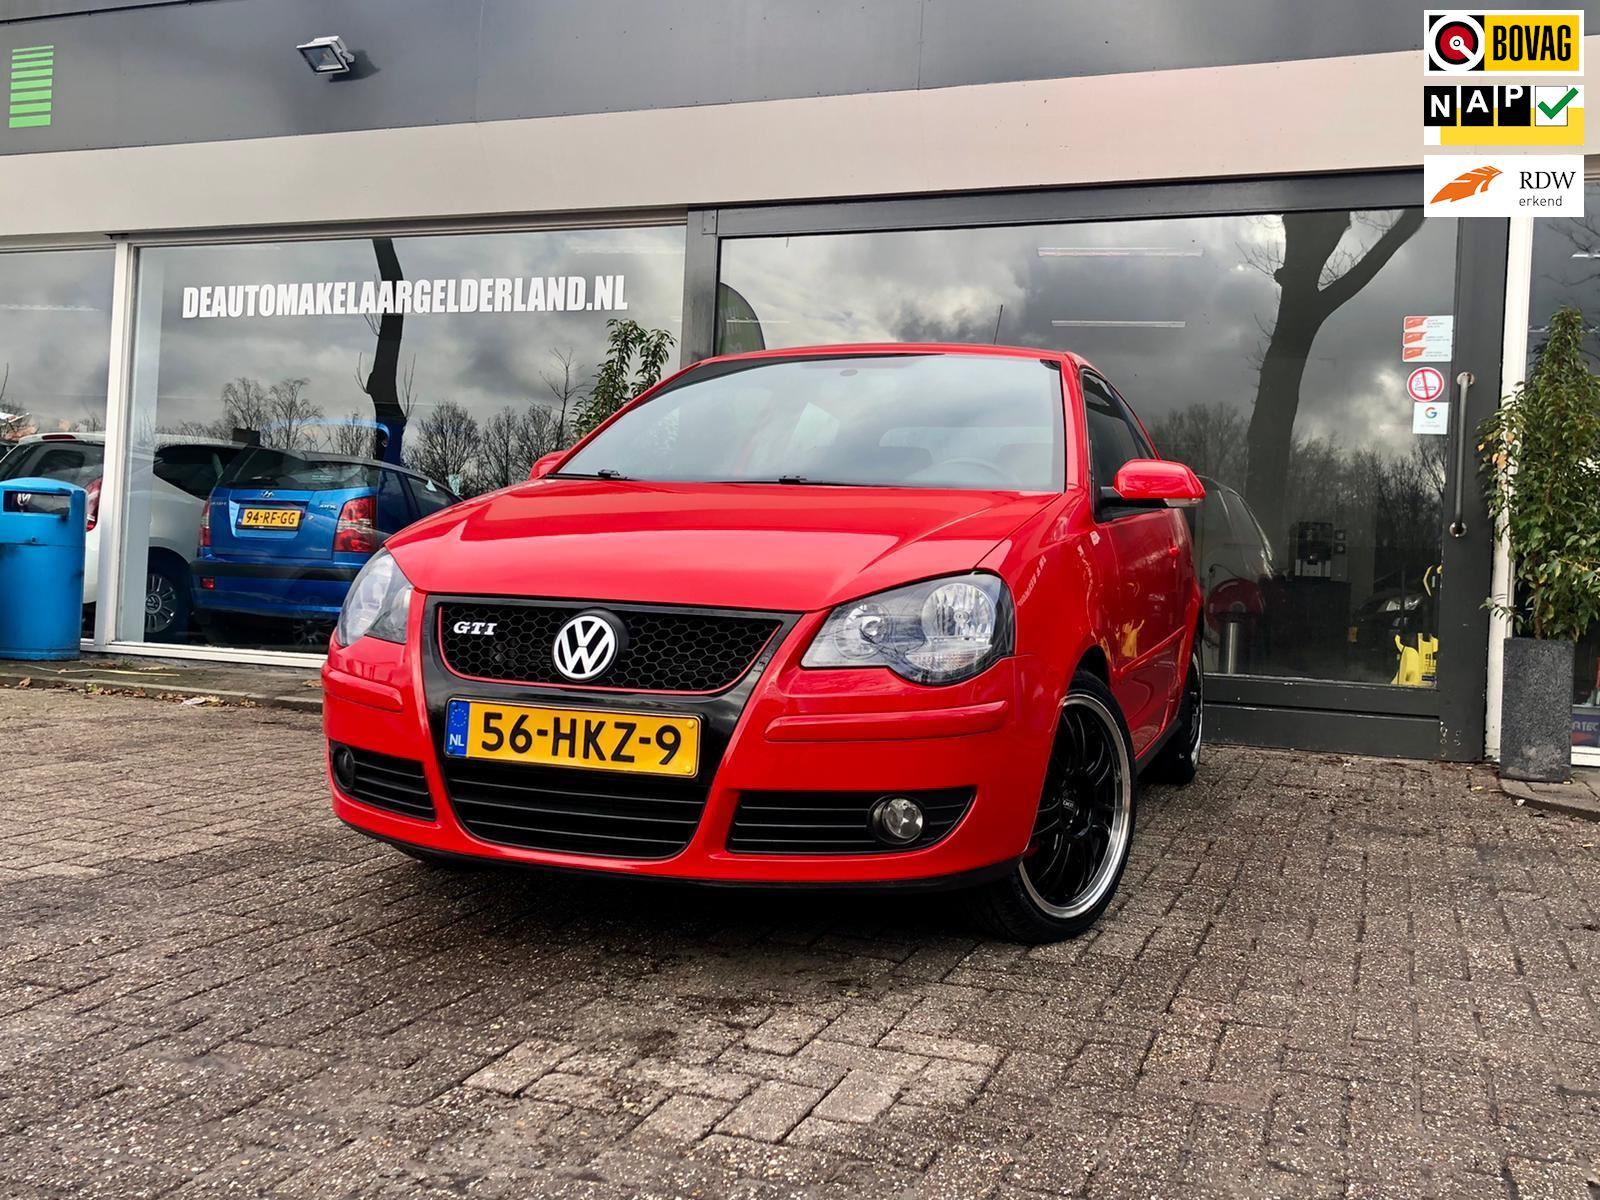 Volkswagen Polo occasion - De Automakelaar Gelderland